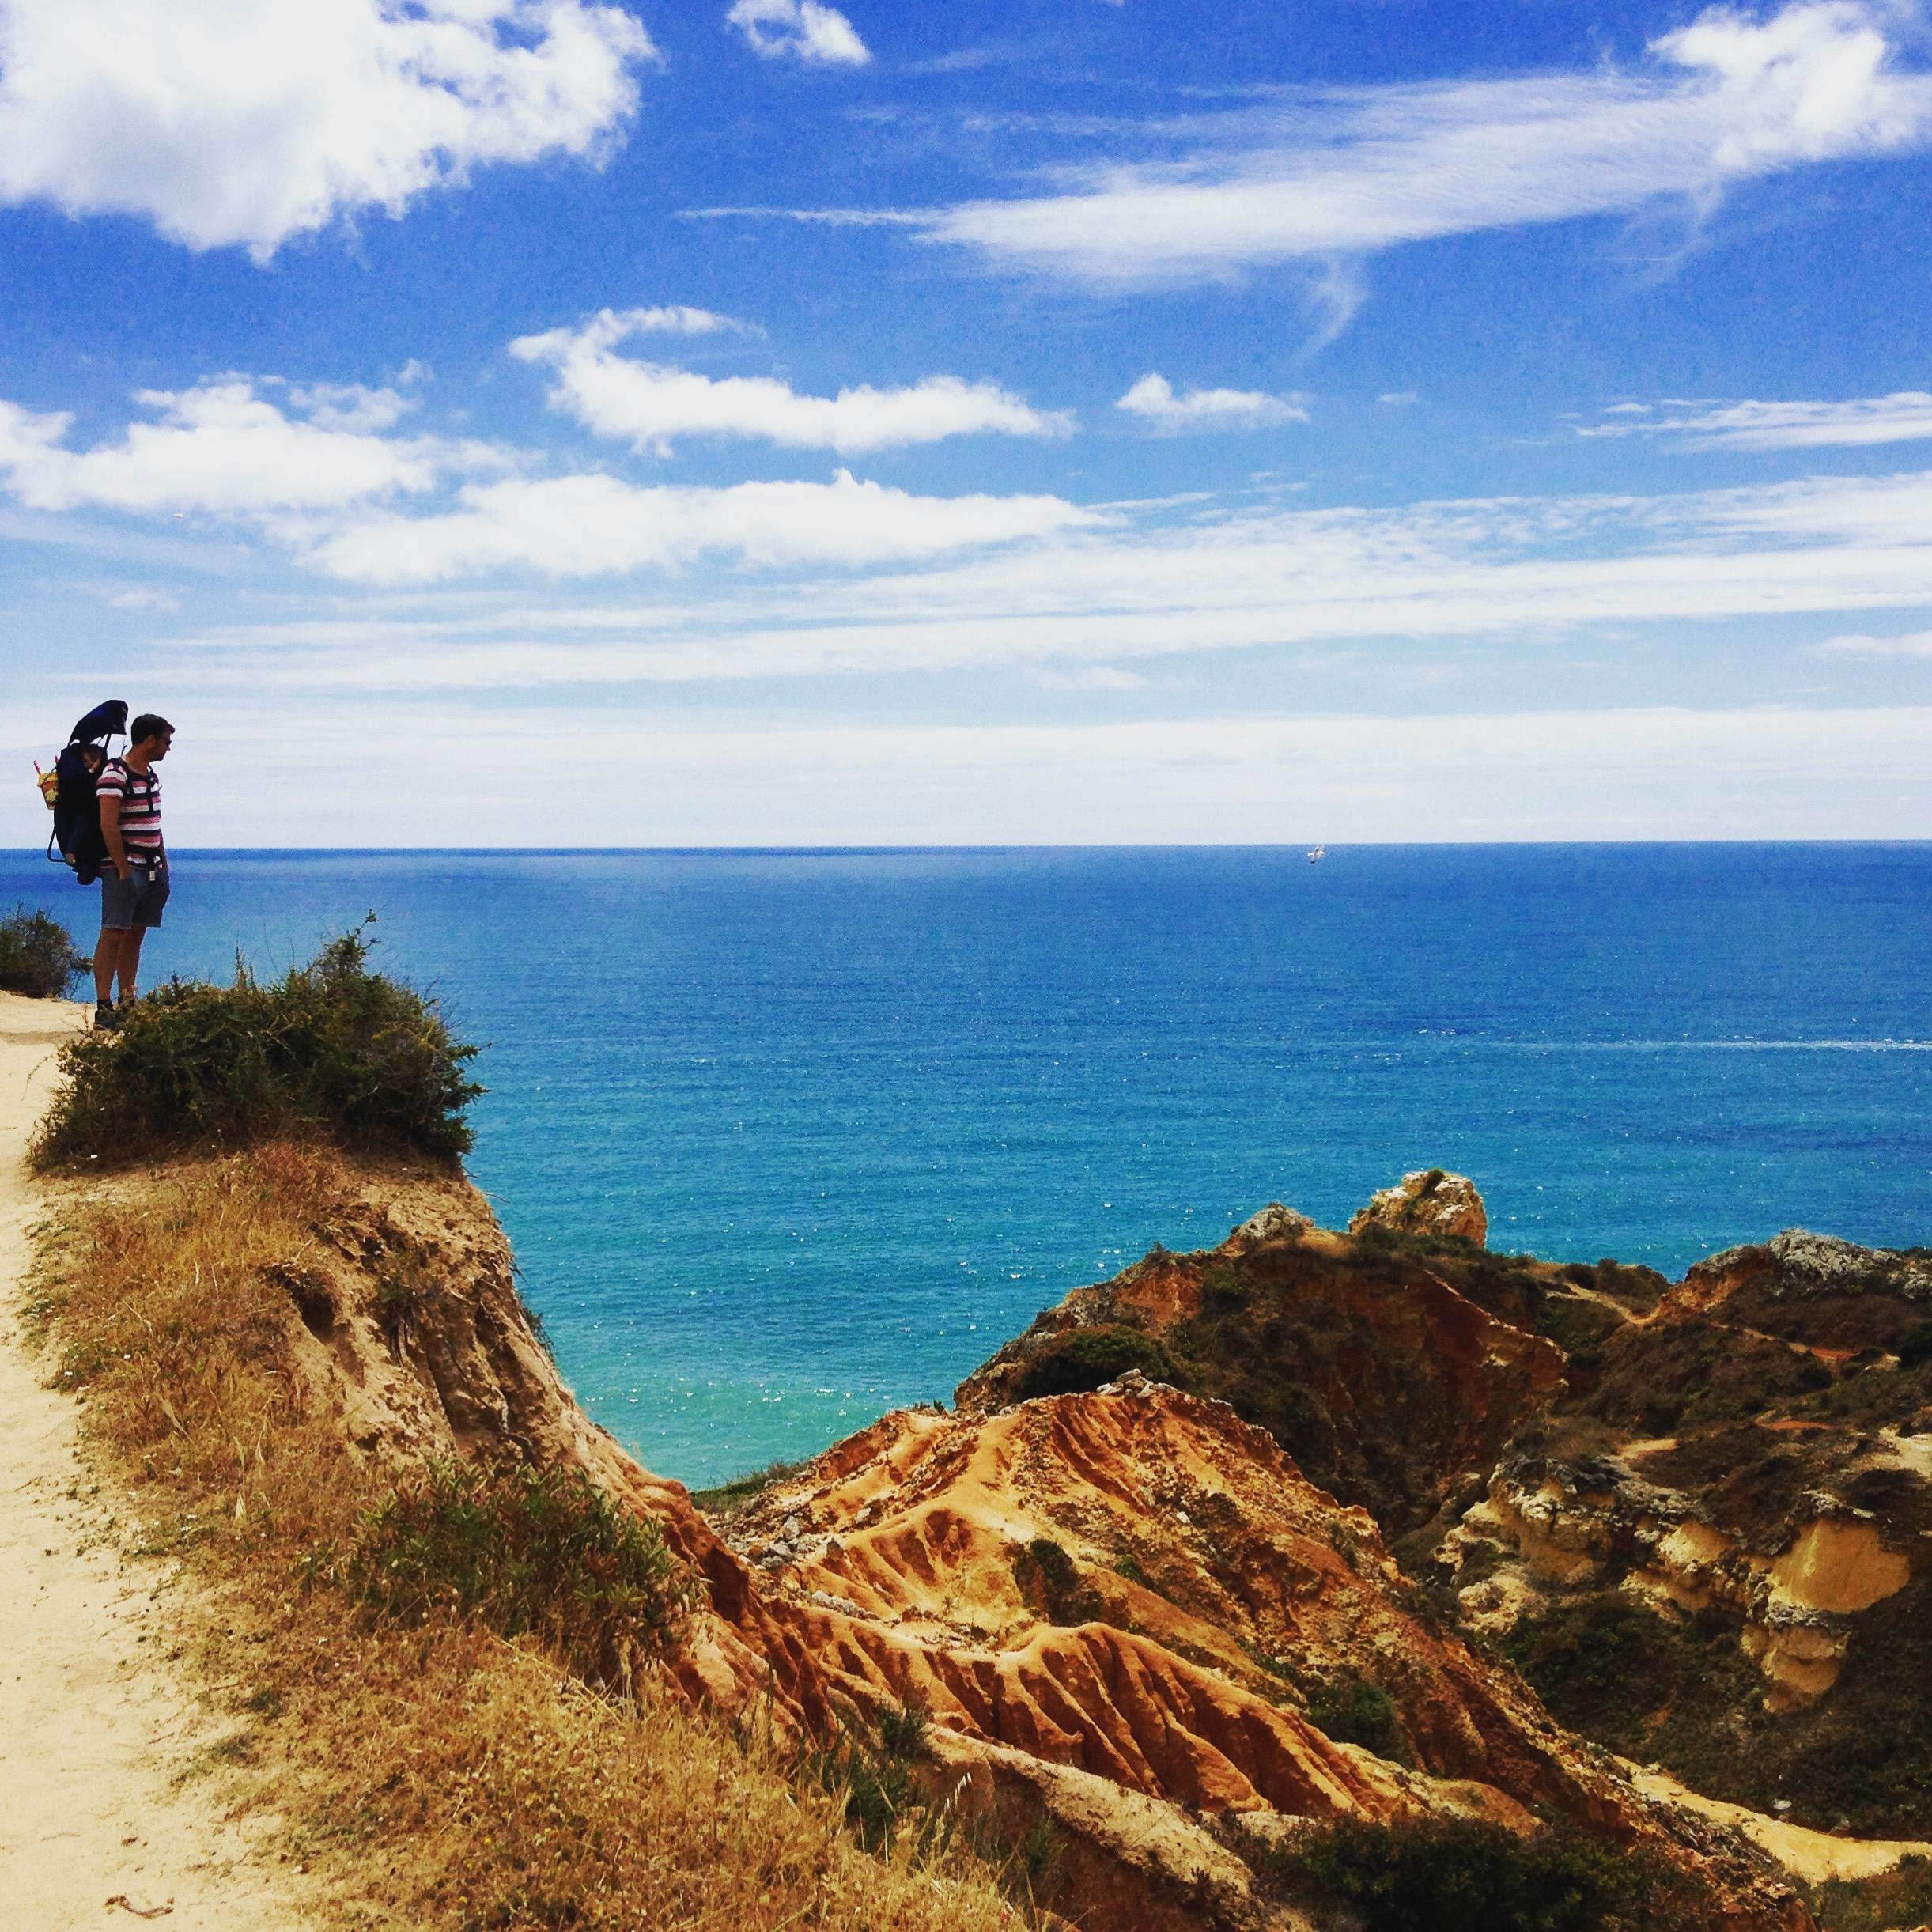 Portugal Urlaub meine Lieblingsorte an der westlichen Algarve